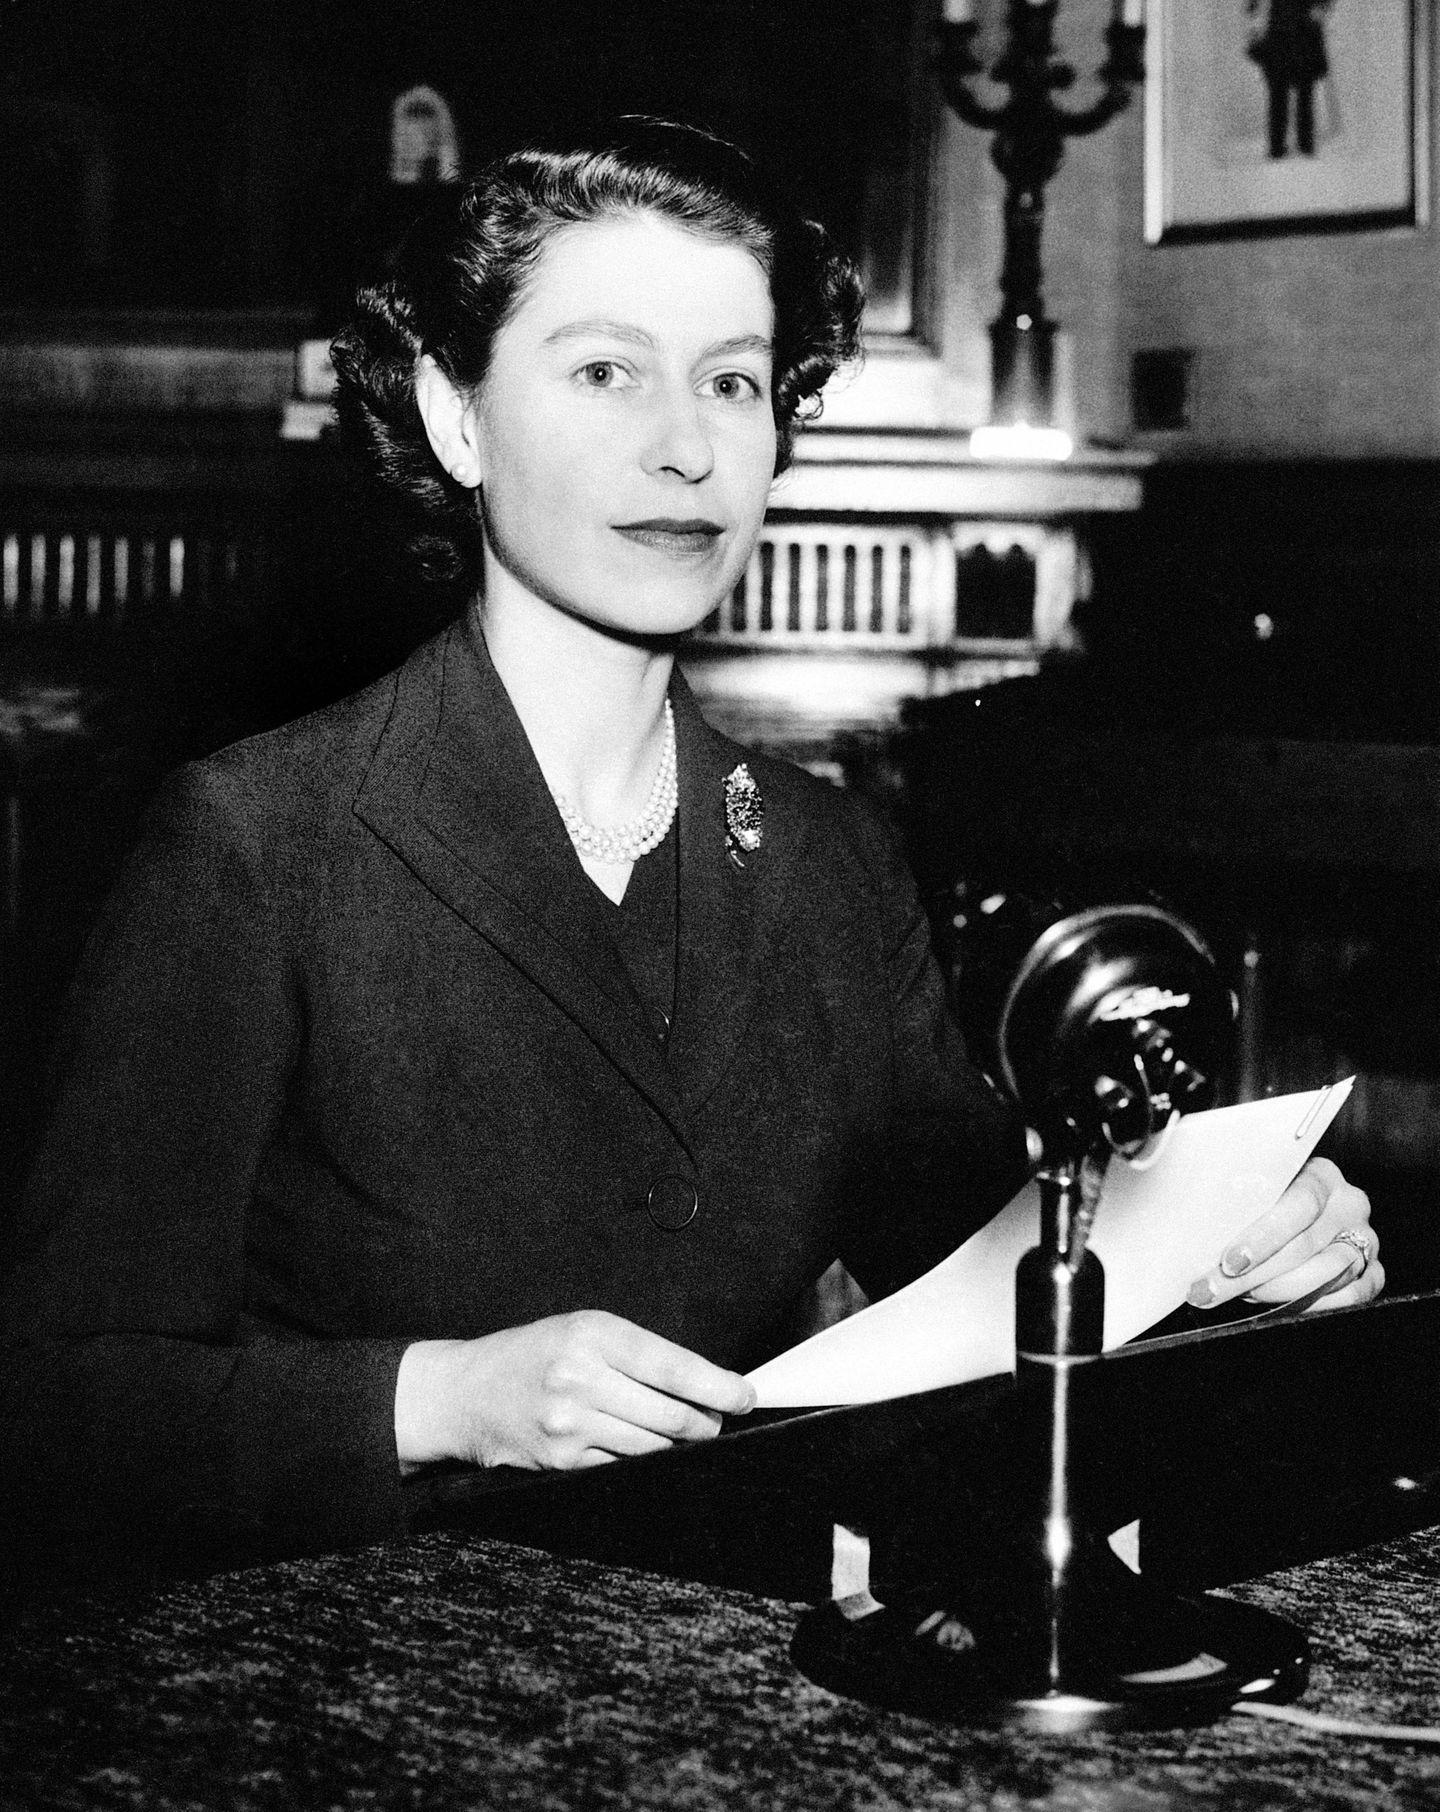 Während der ersten Weihnachtsanspracheder Queen 1952 war dasSchmuckstück aber nur auf dem Foto zu sehen, die Ansprachewurde damals lediglichim Radio ausgestrahlt.